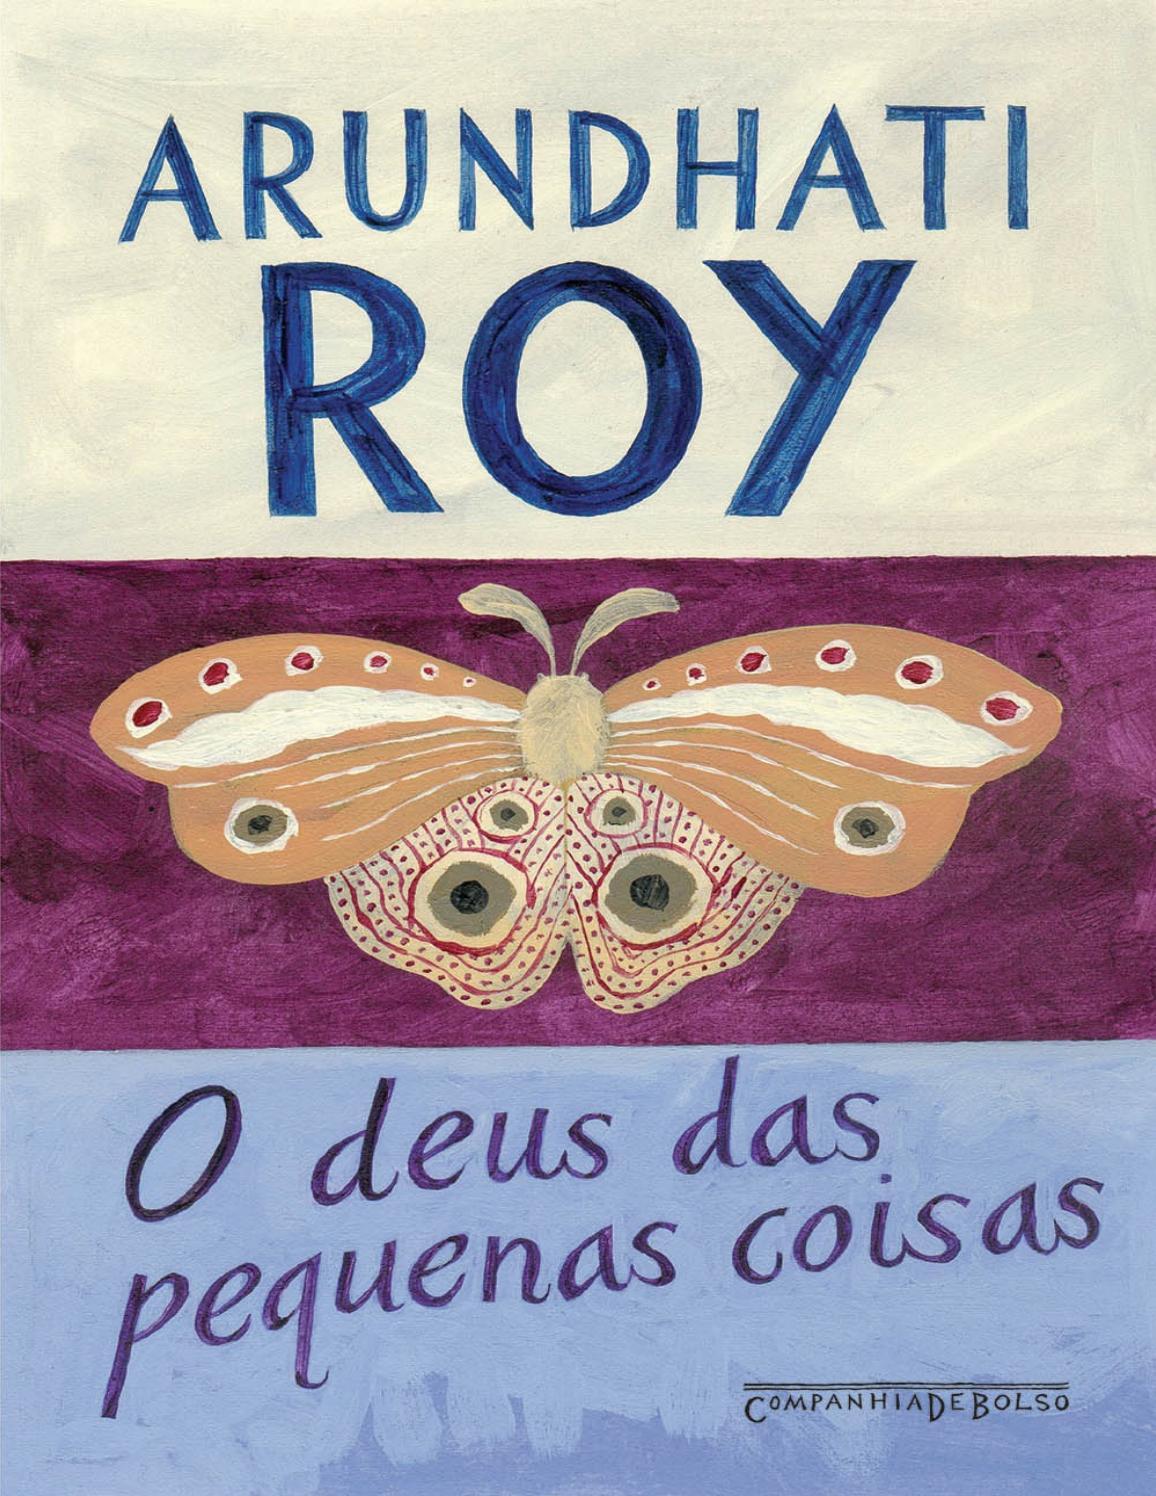 2fdbf8f463a724 O deus das pequenas coisas arundhati roy by Amanda Araújo - issuu